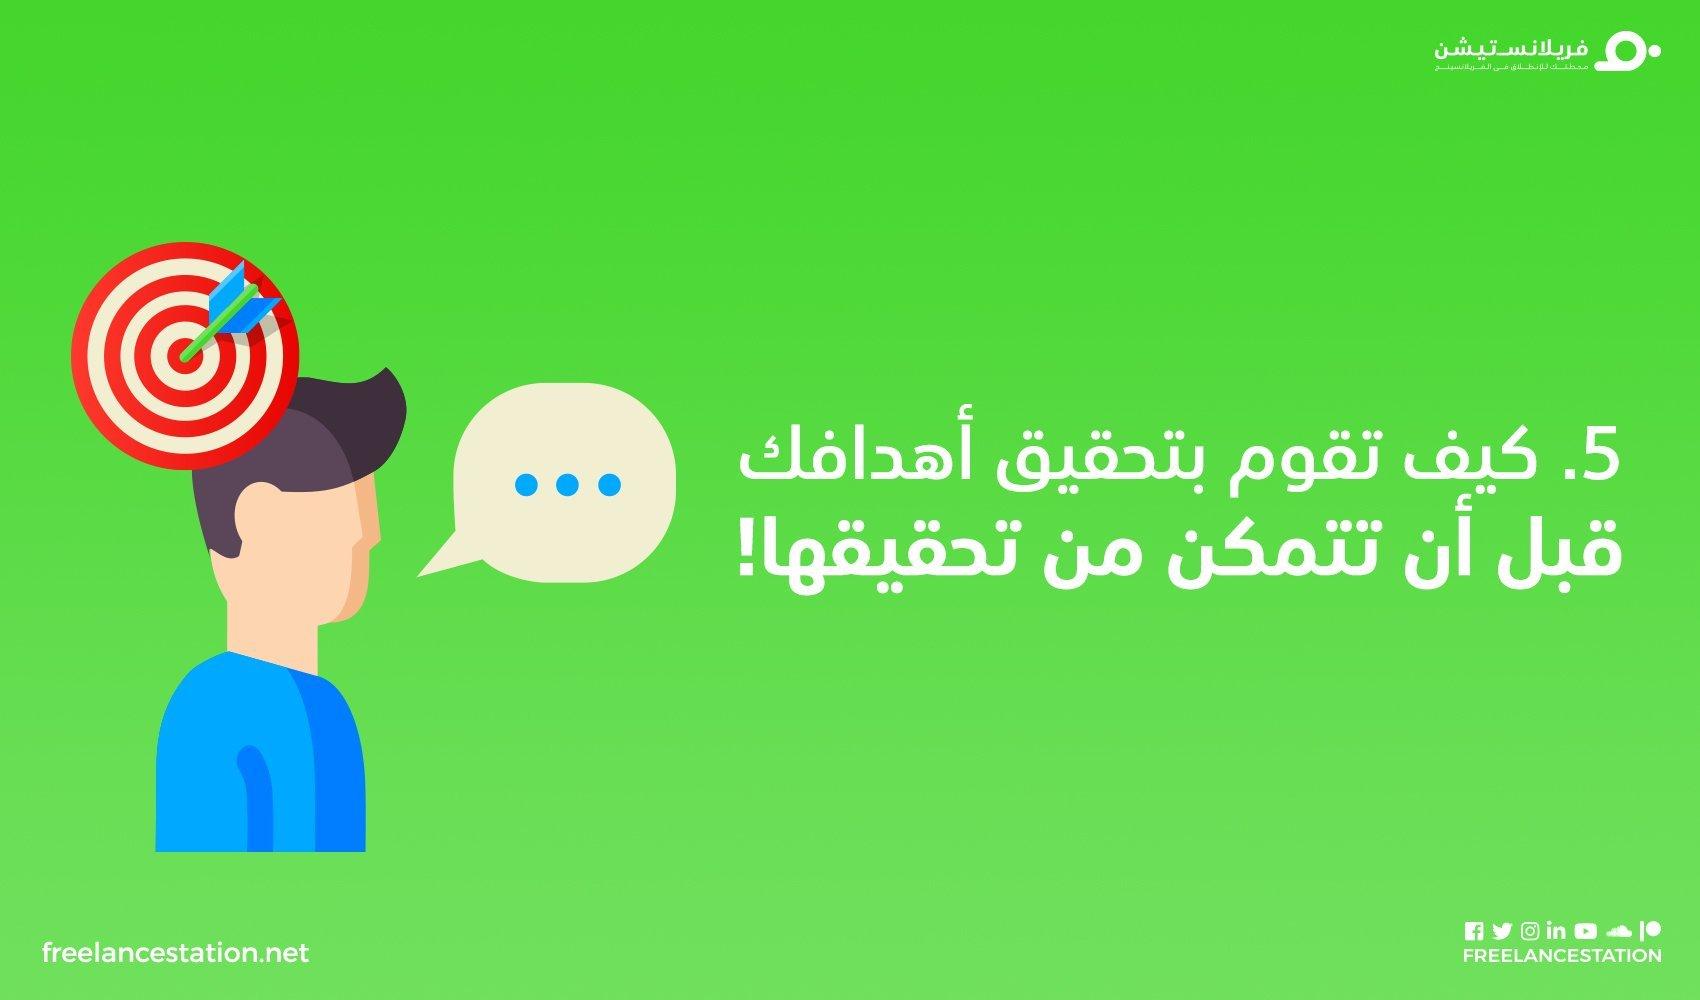 5. كيف تقوم بتحقيق أهدافك قبل أن تتمكن من تحقيقها